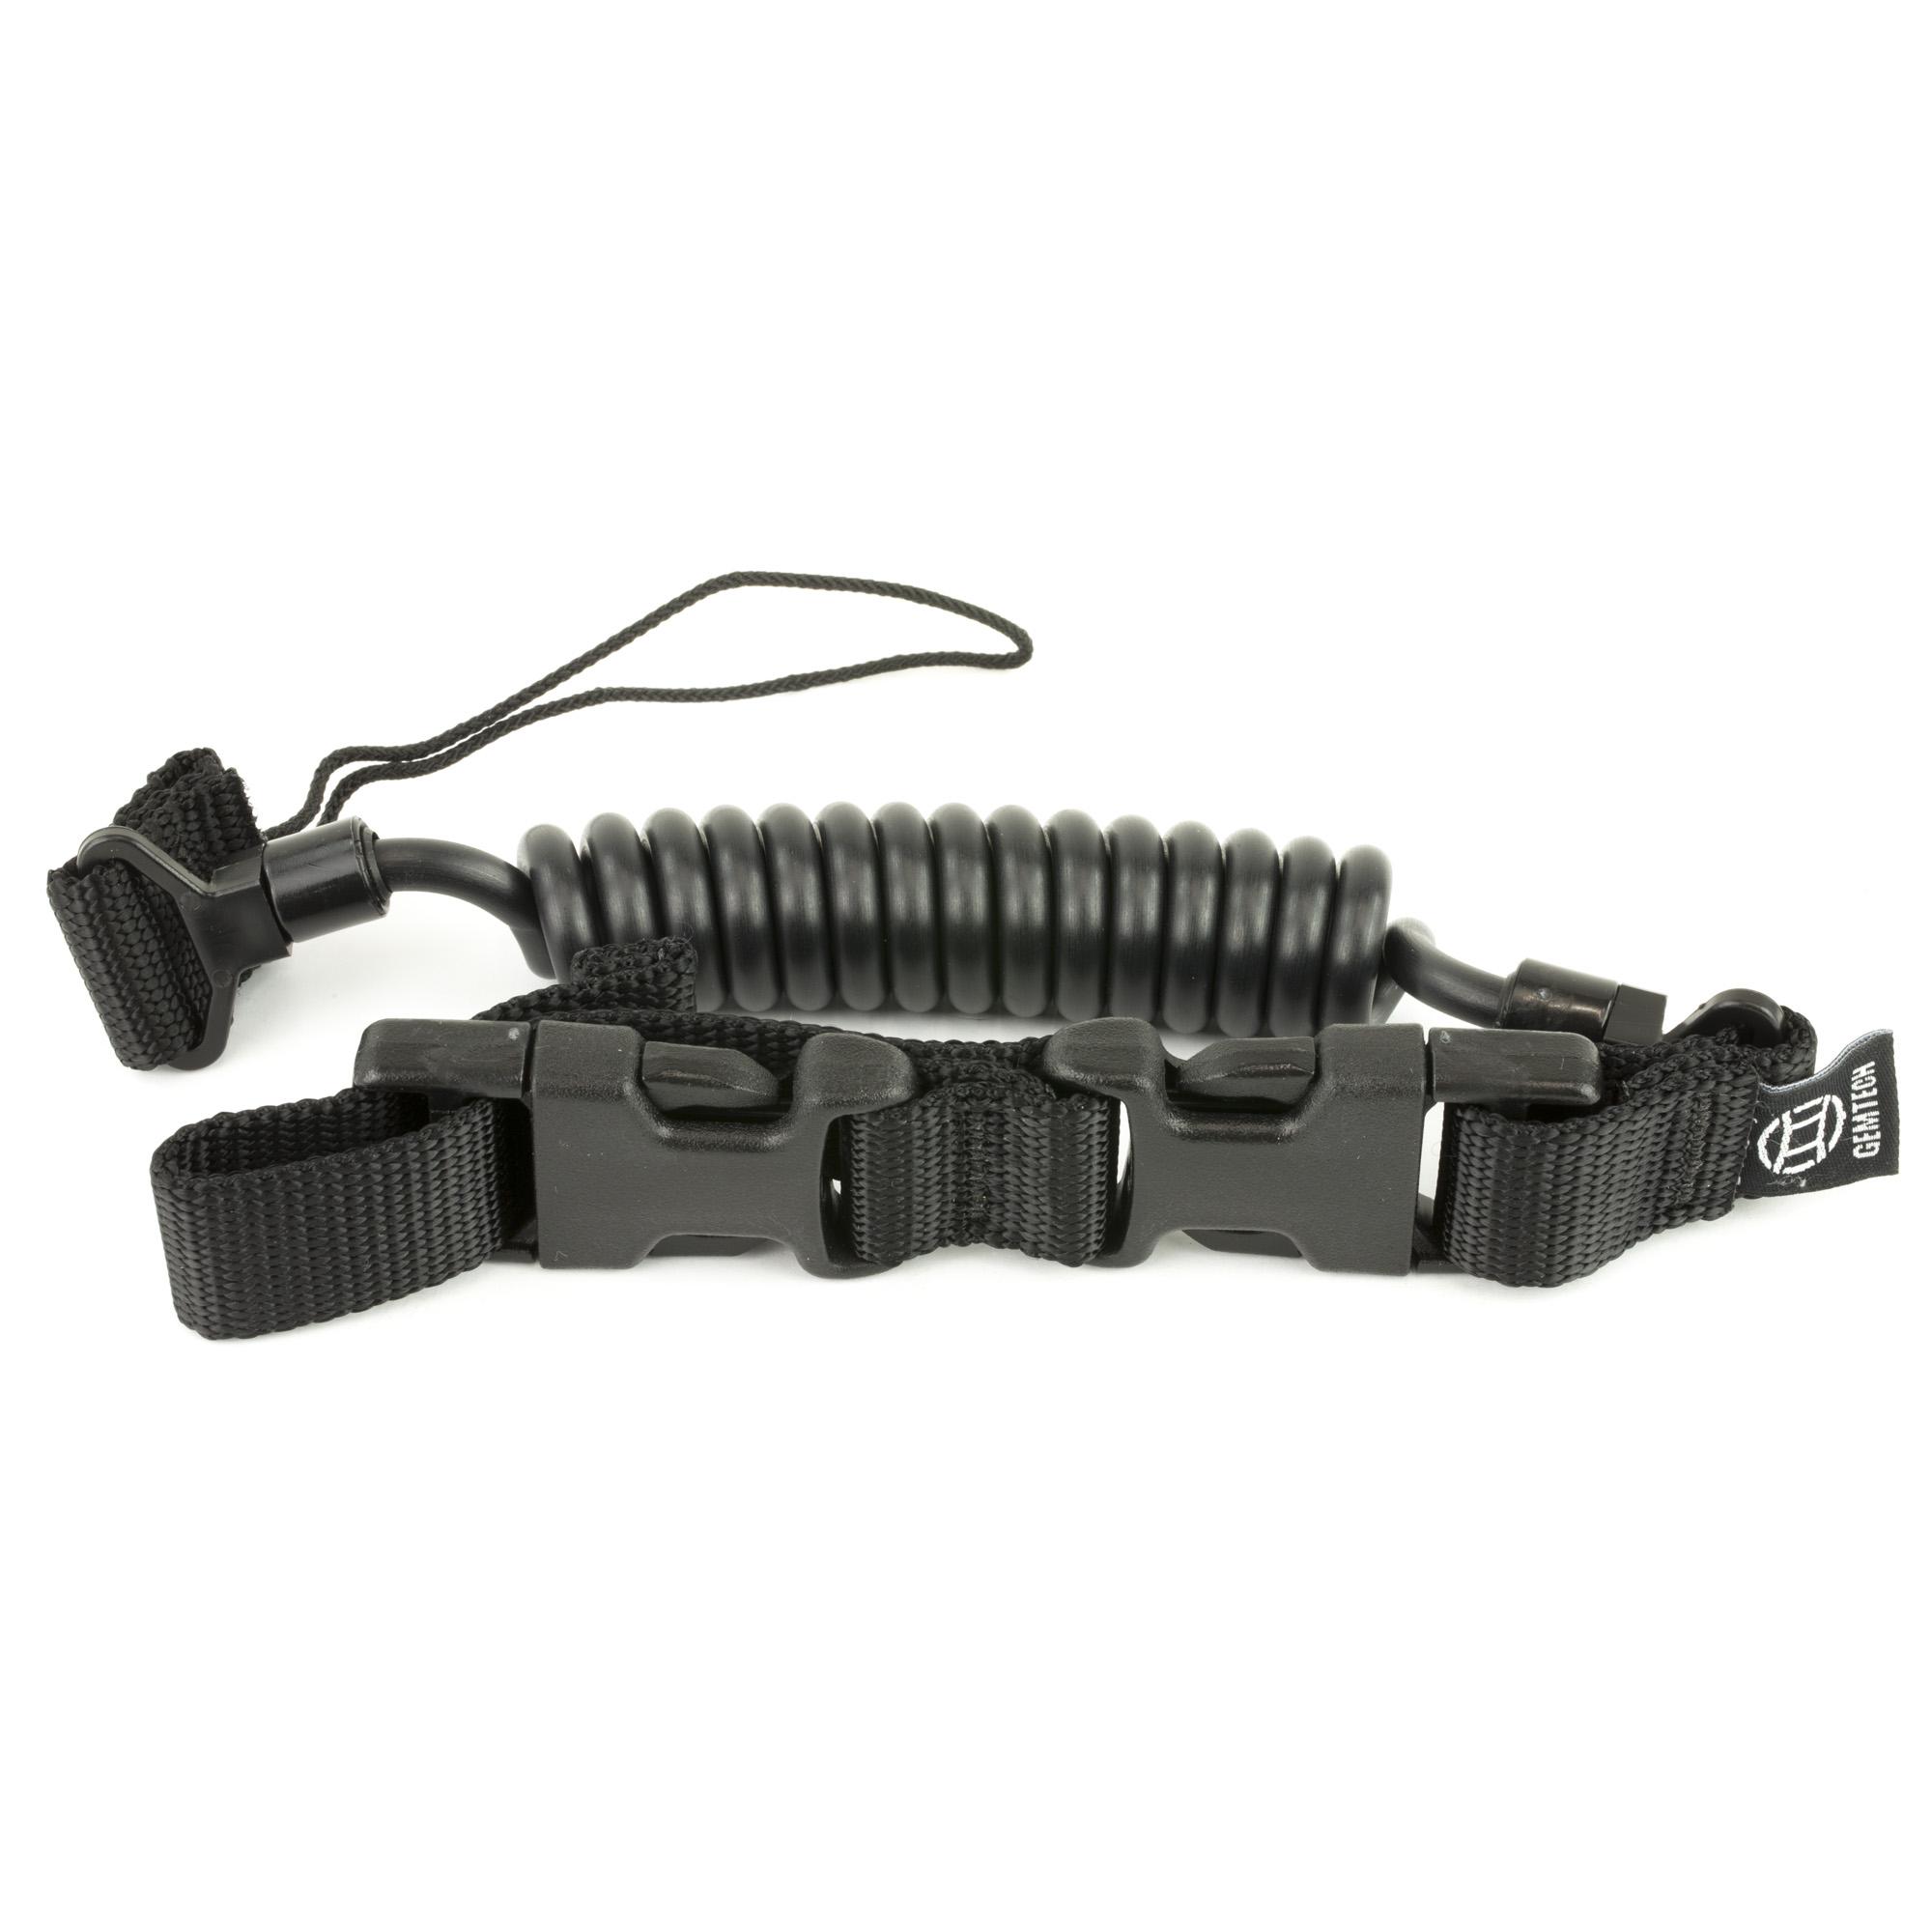 Gemtech Tactical Pistol Lanyard Blk